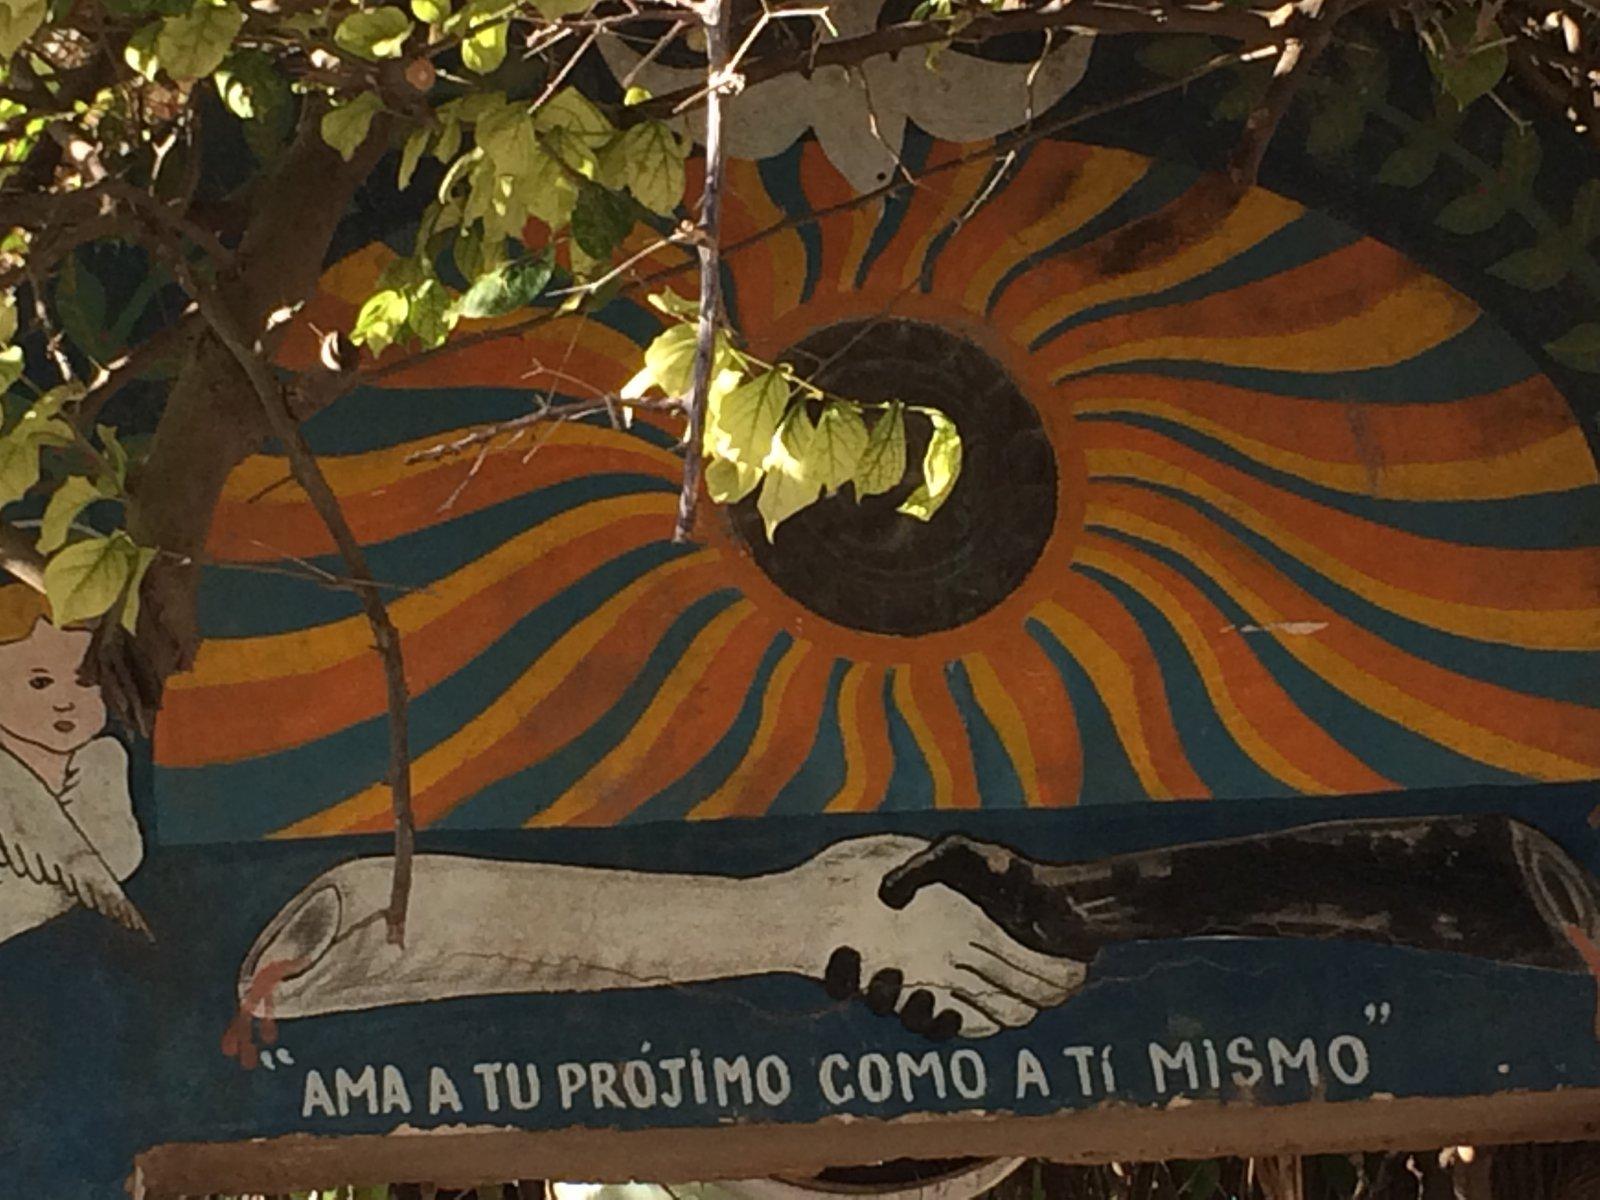 Street art in Cardenas